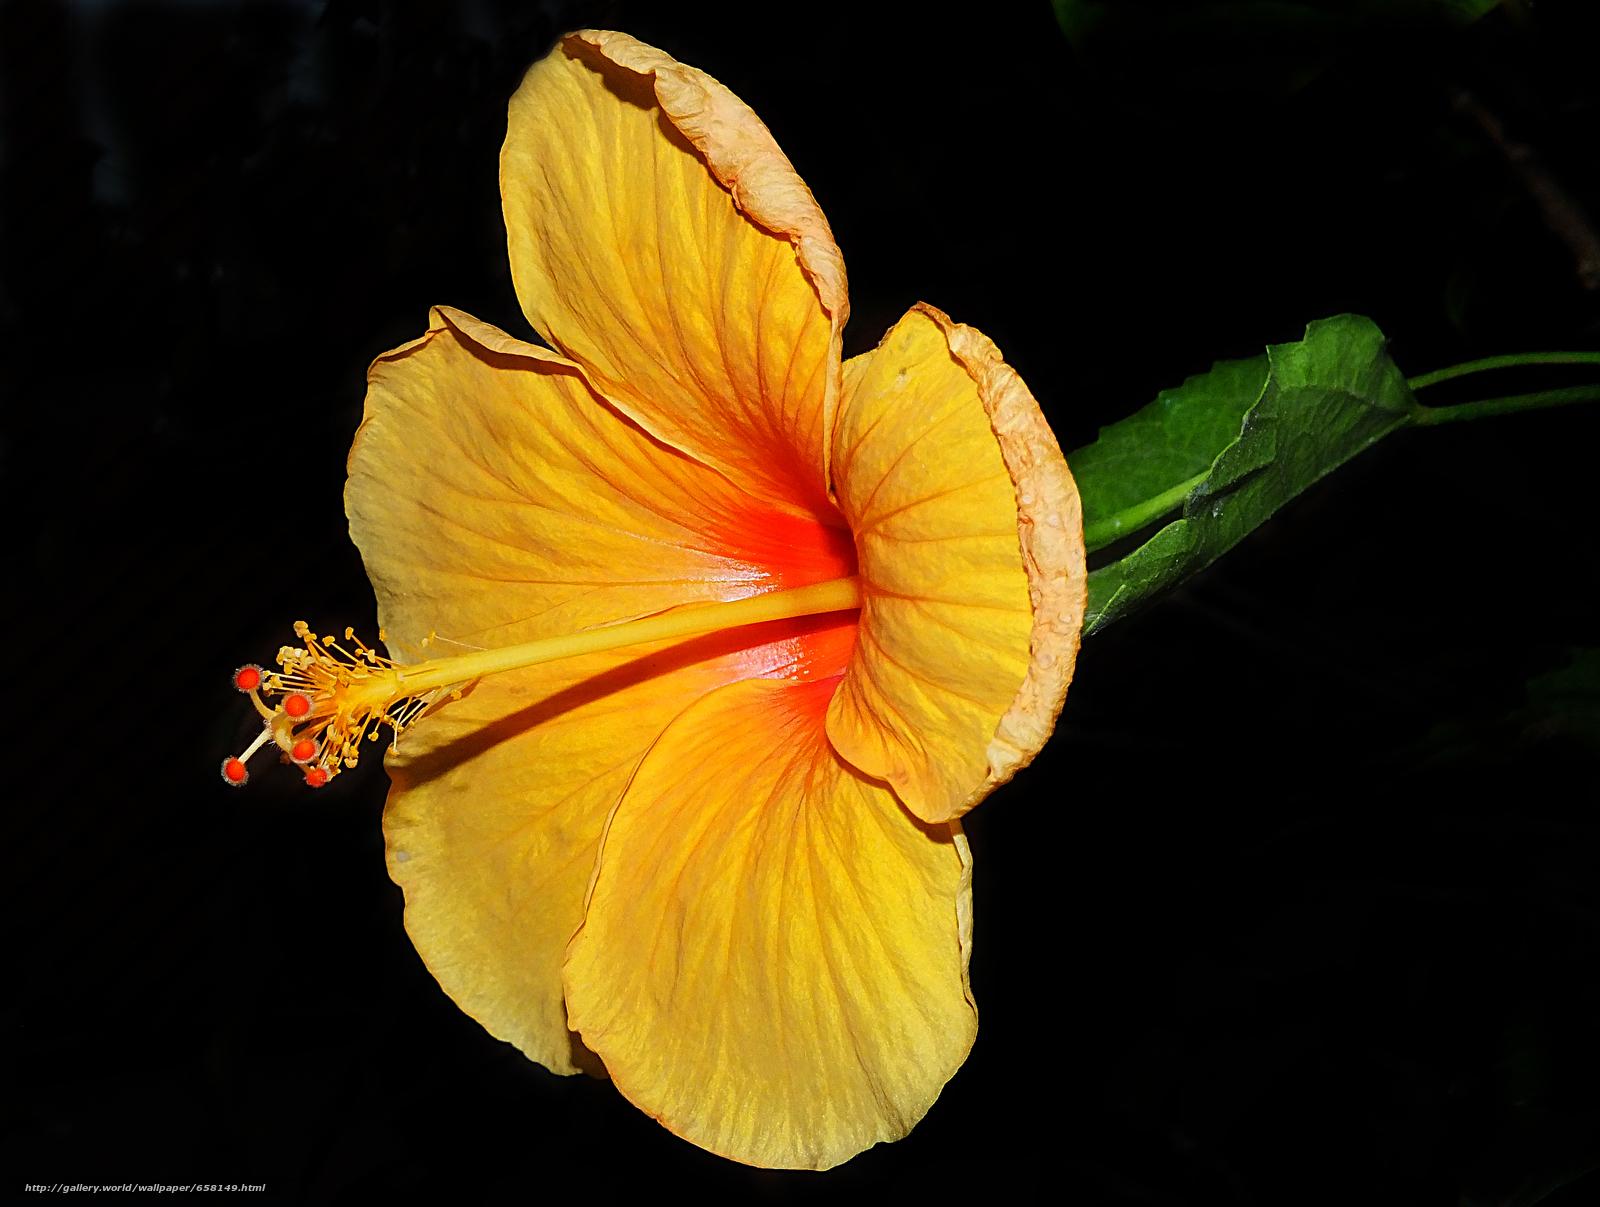 Скачать обои Гибискус,  Hibiscus,  цветы,  цветок бесплатно для рабочего стола в разрешении 4272x3224 — картинка №658149